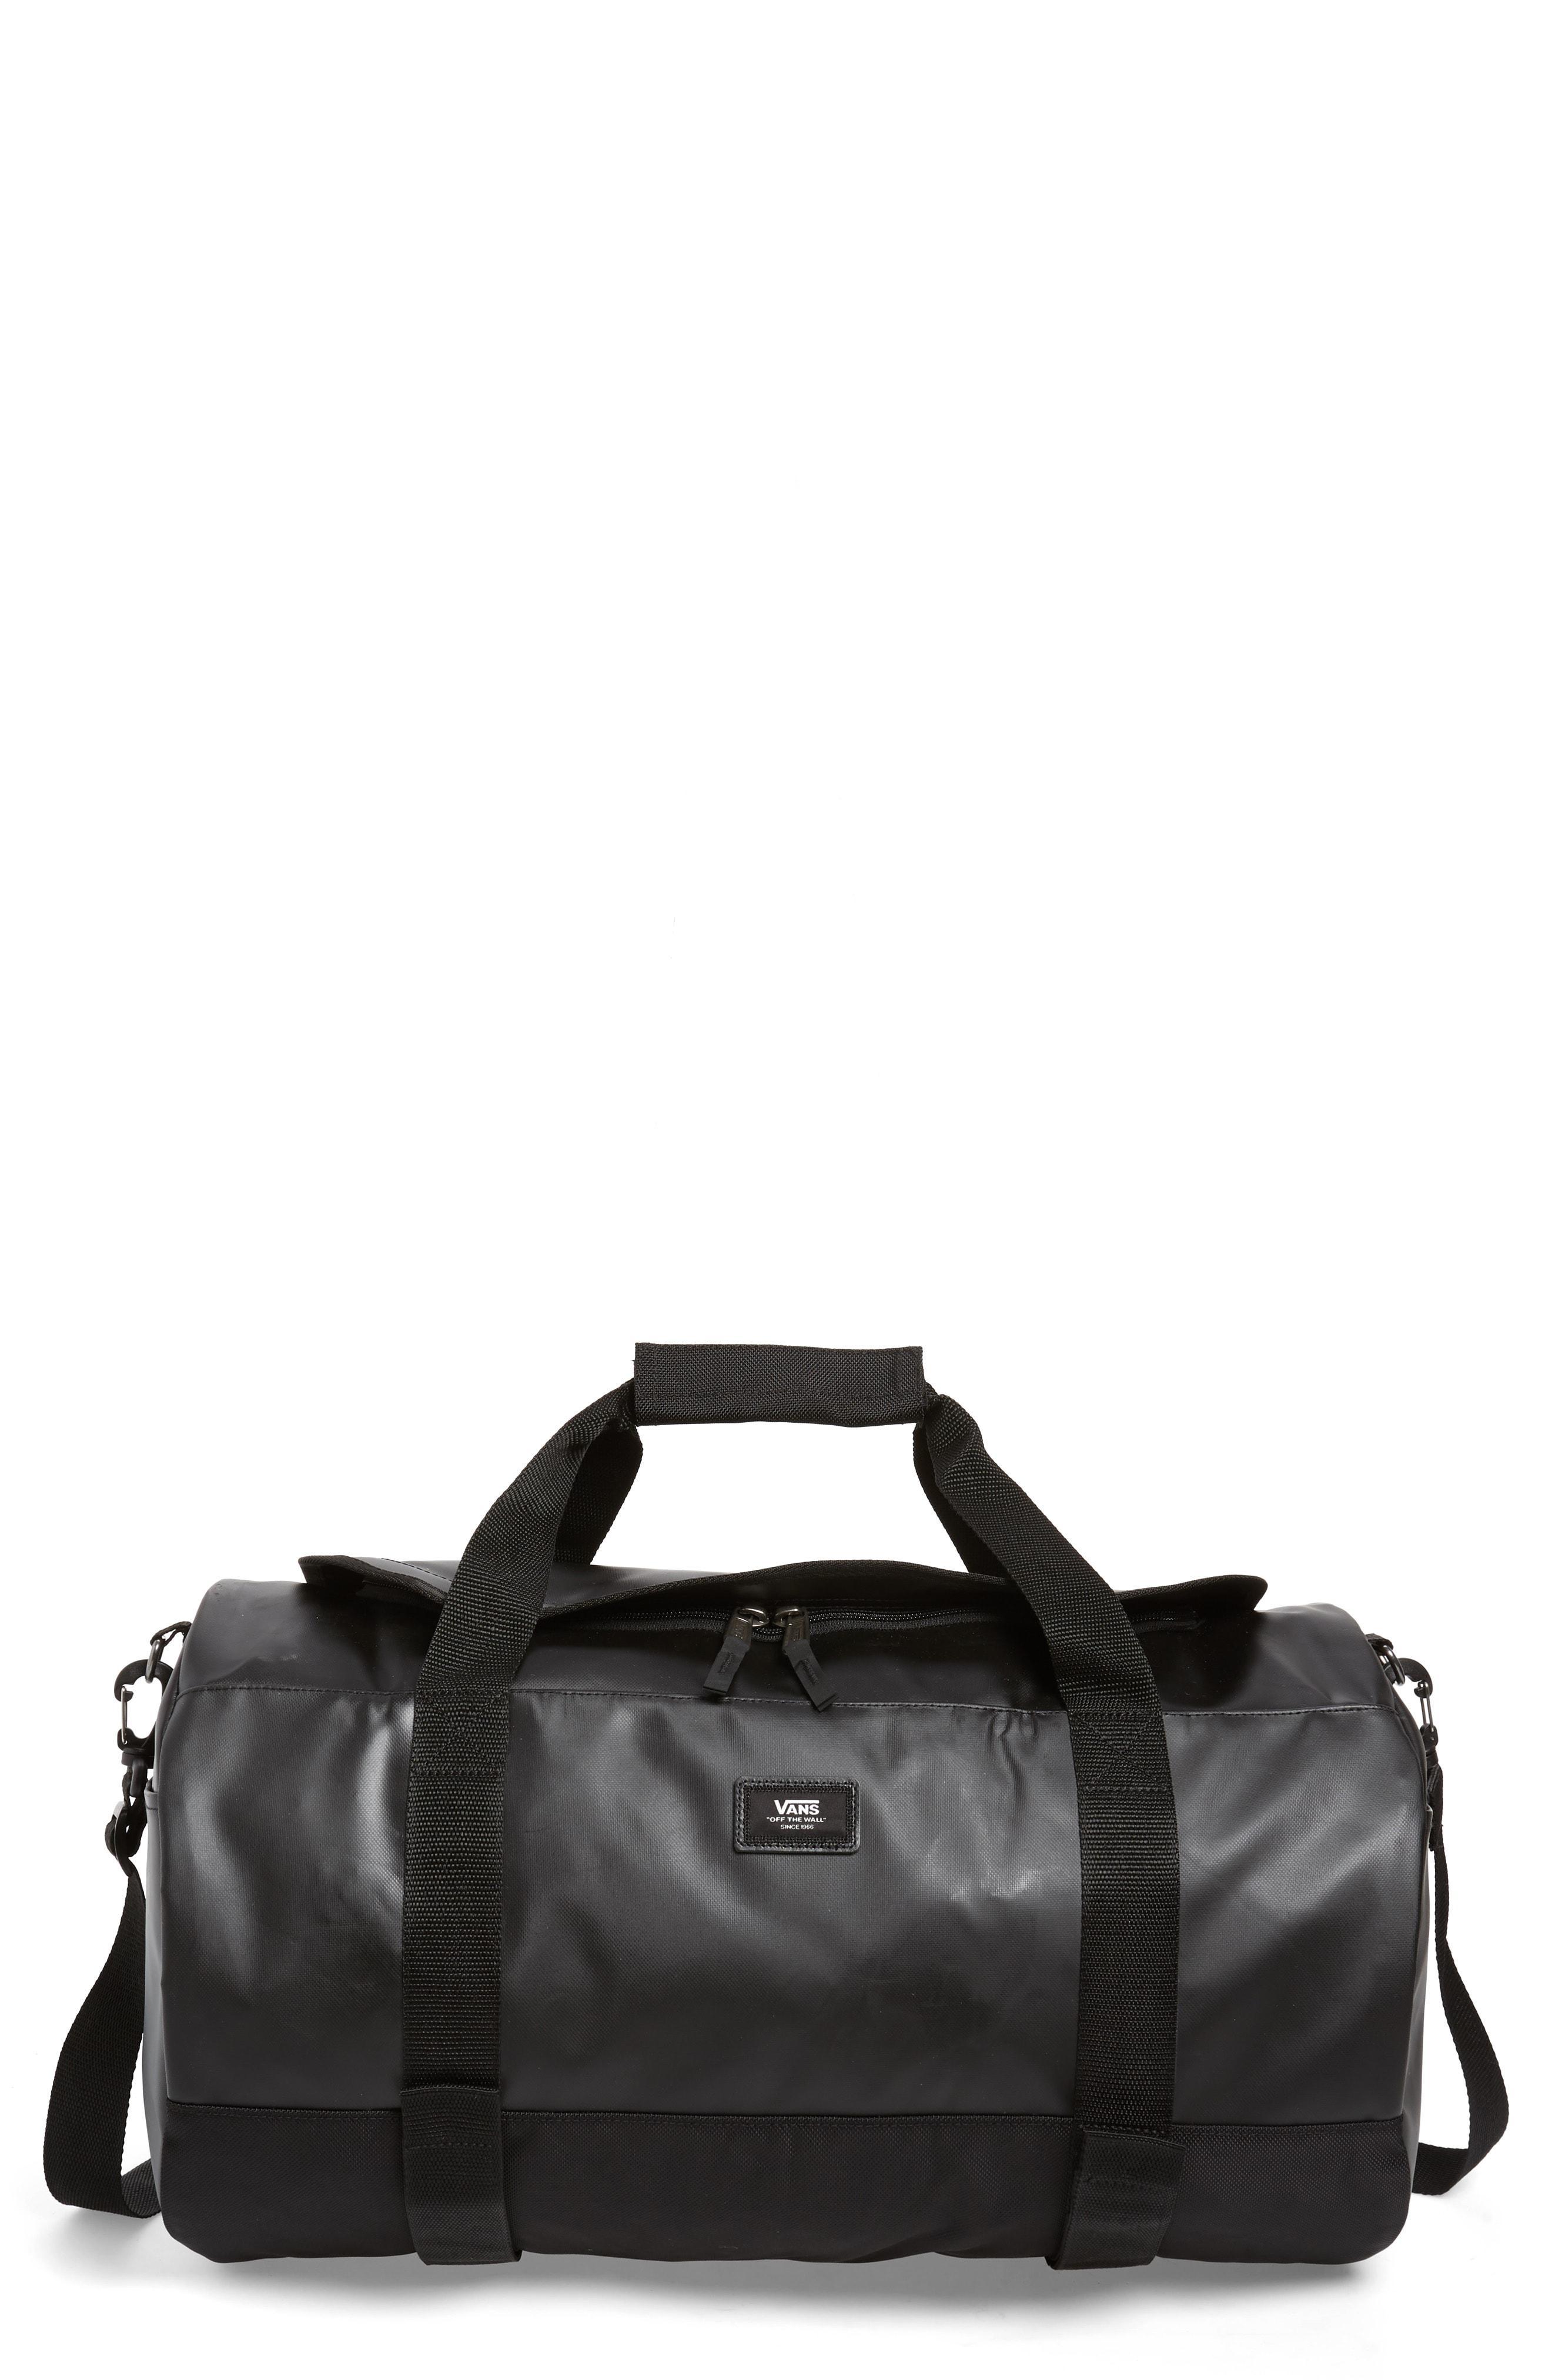 cd69eb9747 Lyst - Vans Grind Skate Water Resistant Duffel Bag - in Black for Men